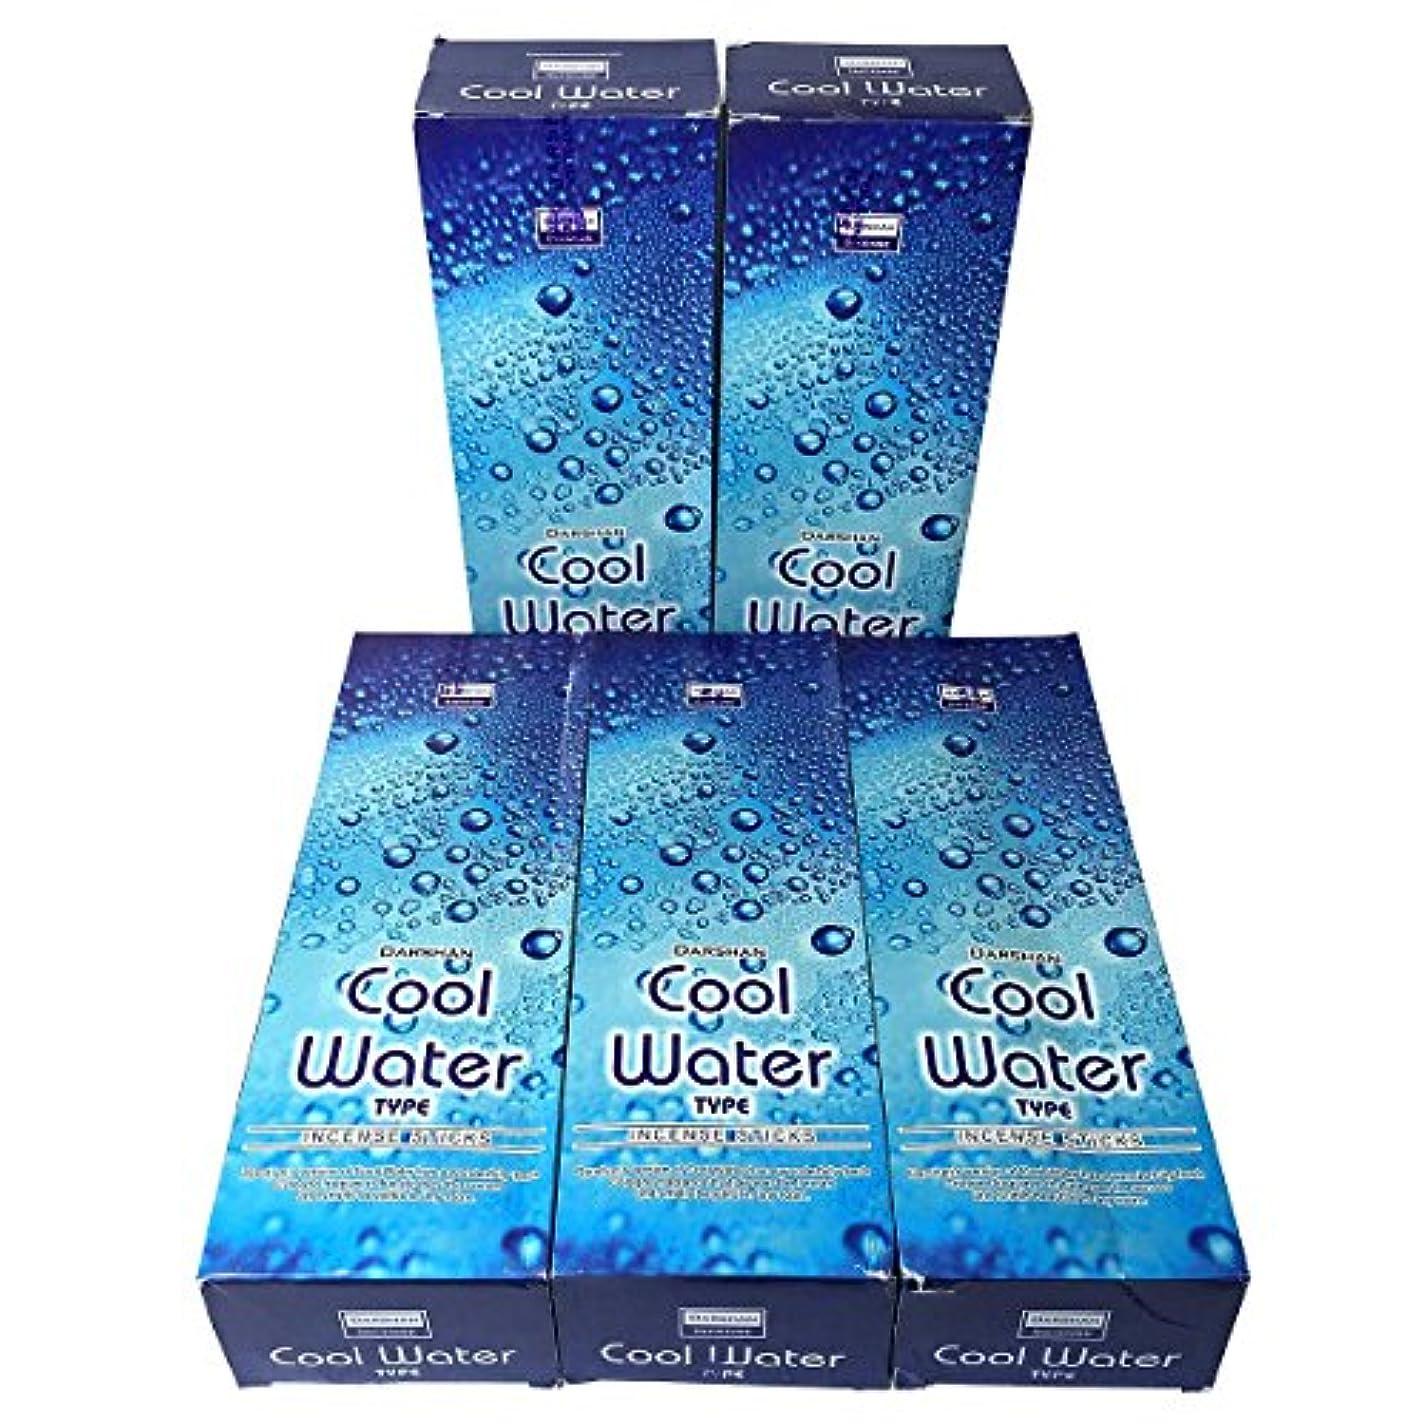 晩ごはん鉛筆研究クールウォーター香スティック 5BOX(30箱)/DARSHAN COOL WATER/ インド香 / 送料無料 [並行輸入品]